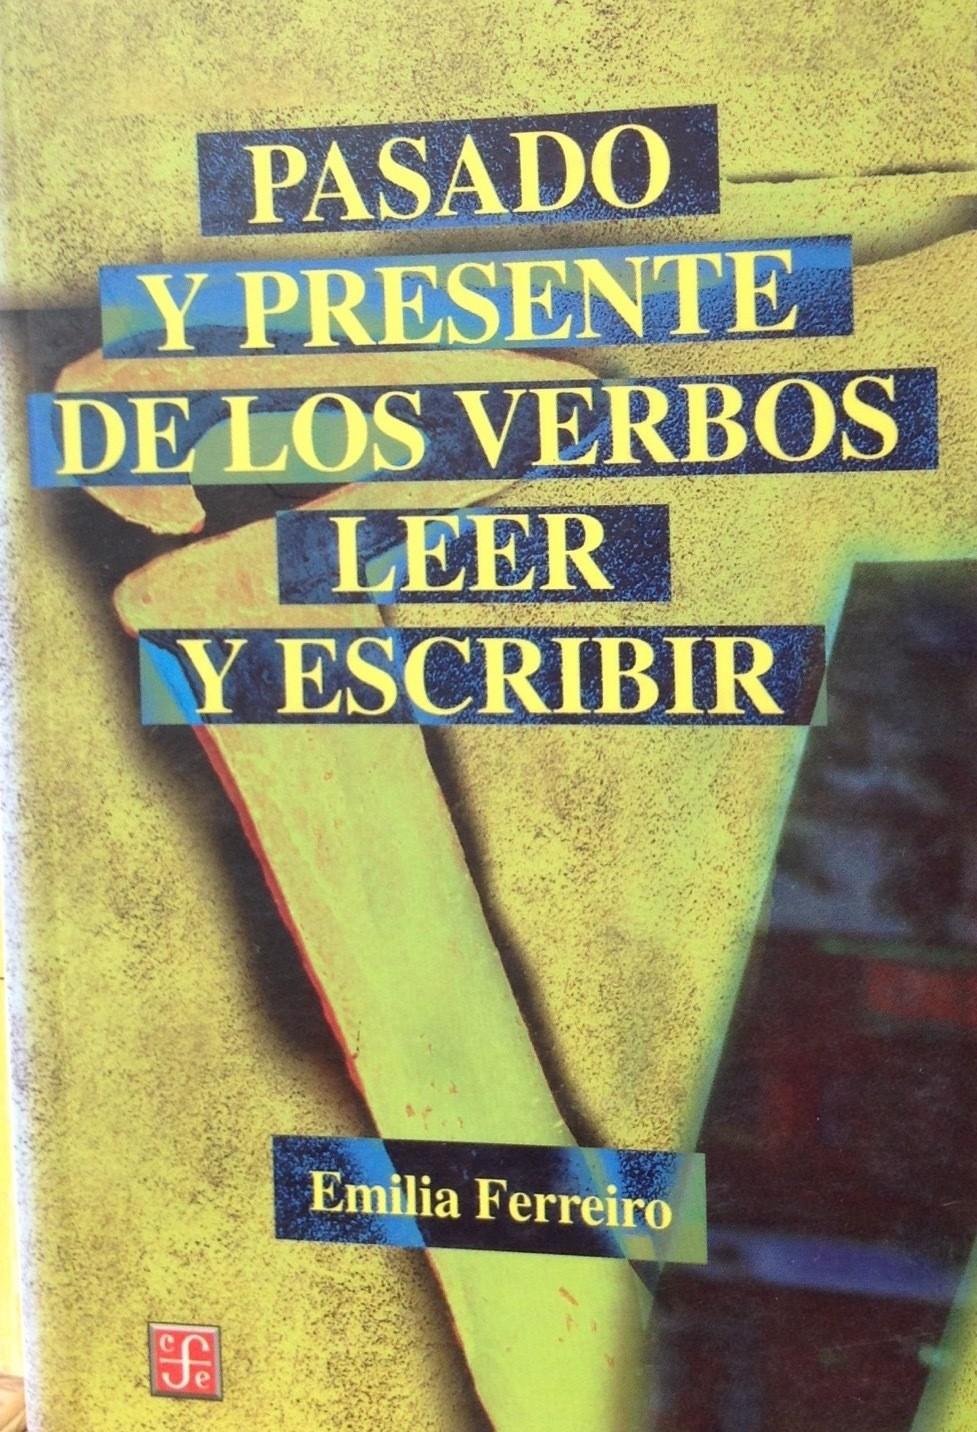 Emilia Ferreiro, Pasado y presente de los verbos leer y escribir